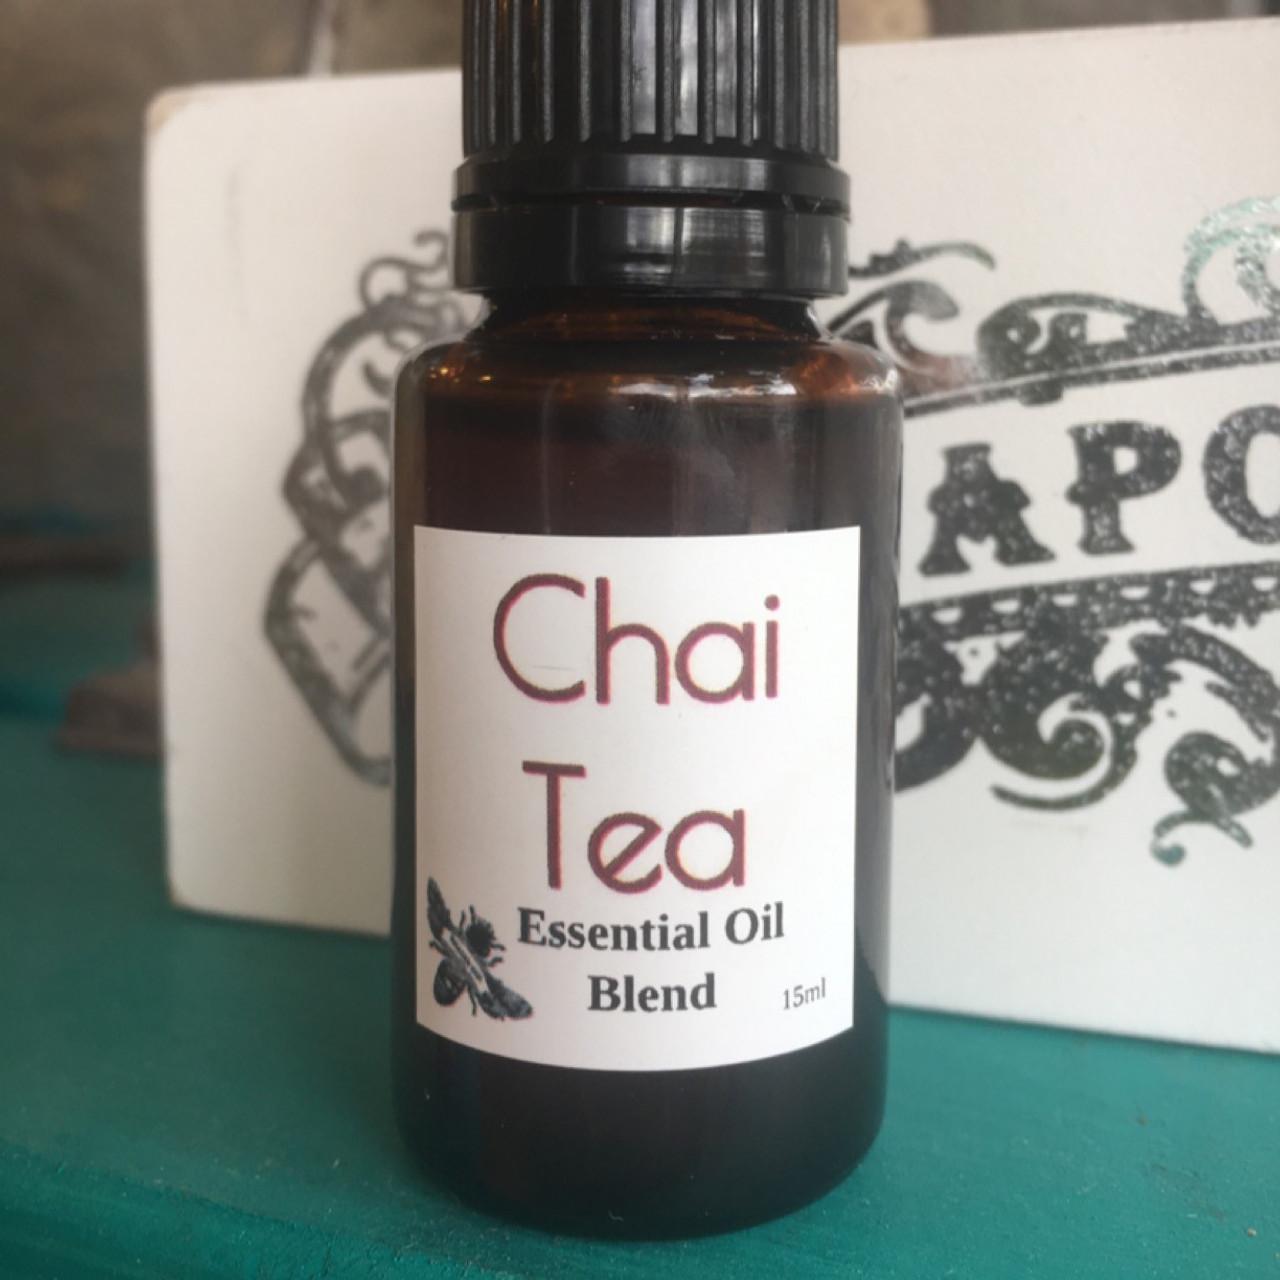 Chai Tea Essential Oil Blend. Make counter spray, Car Spray, or diffuse